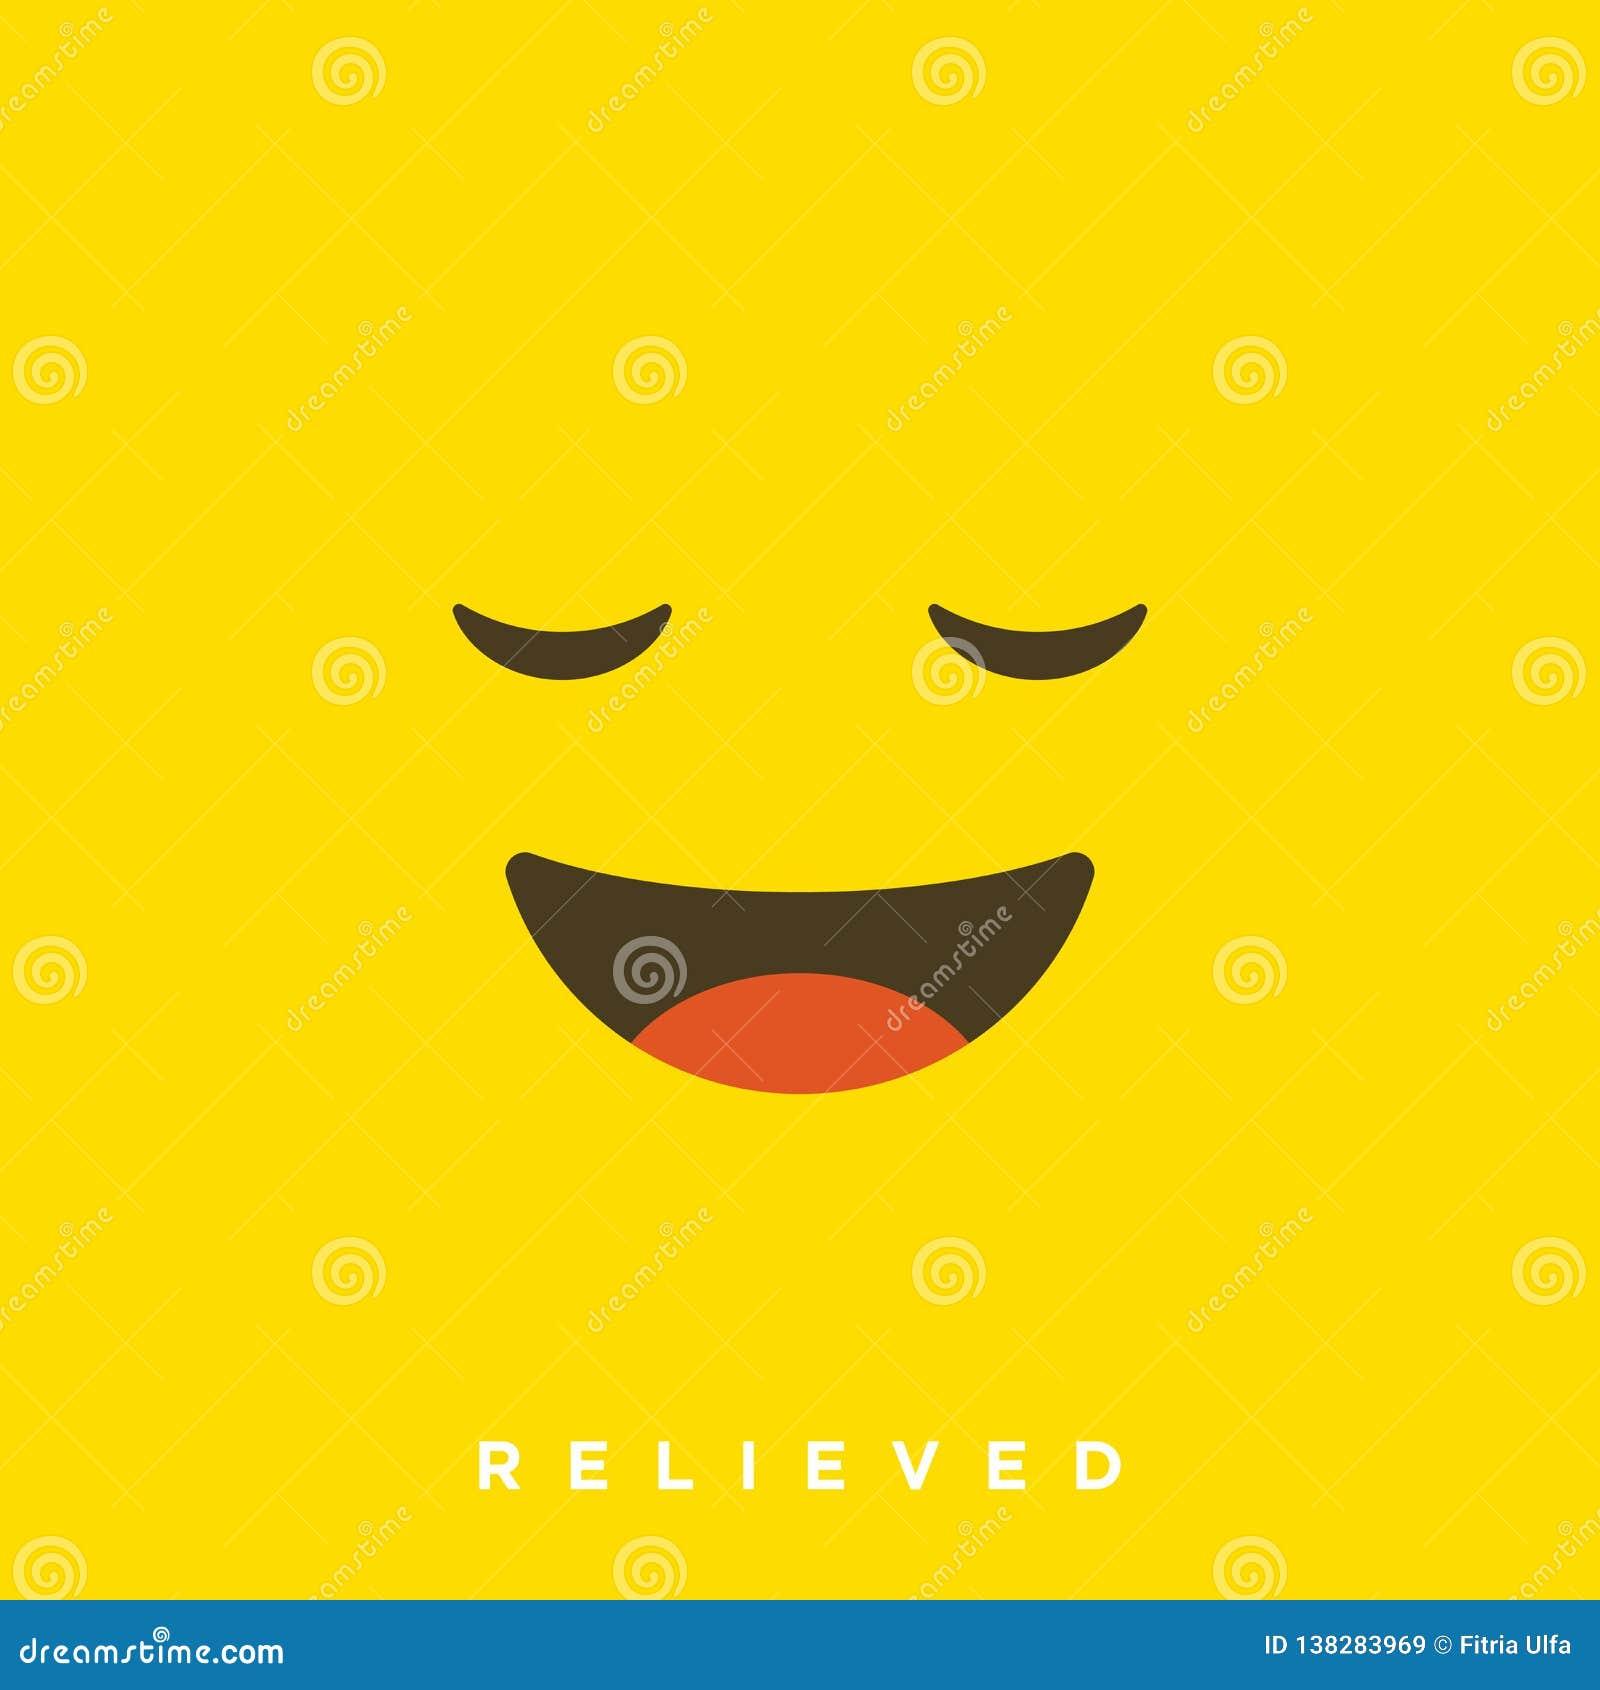 Historieta de alta calidad del vector con los emoticons aliviados con estilo plano del diseño, reacciones sociales de los medios